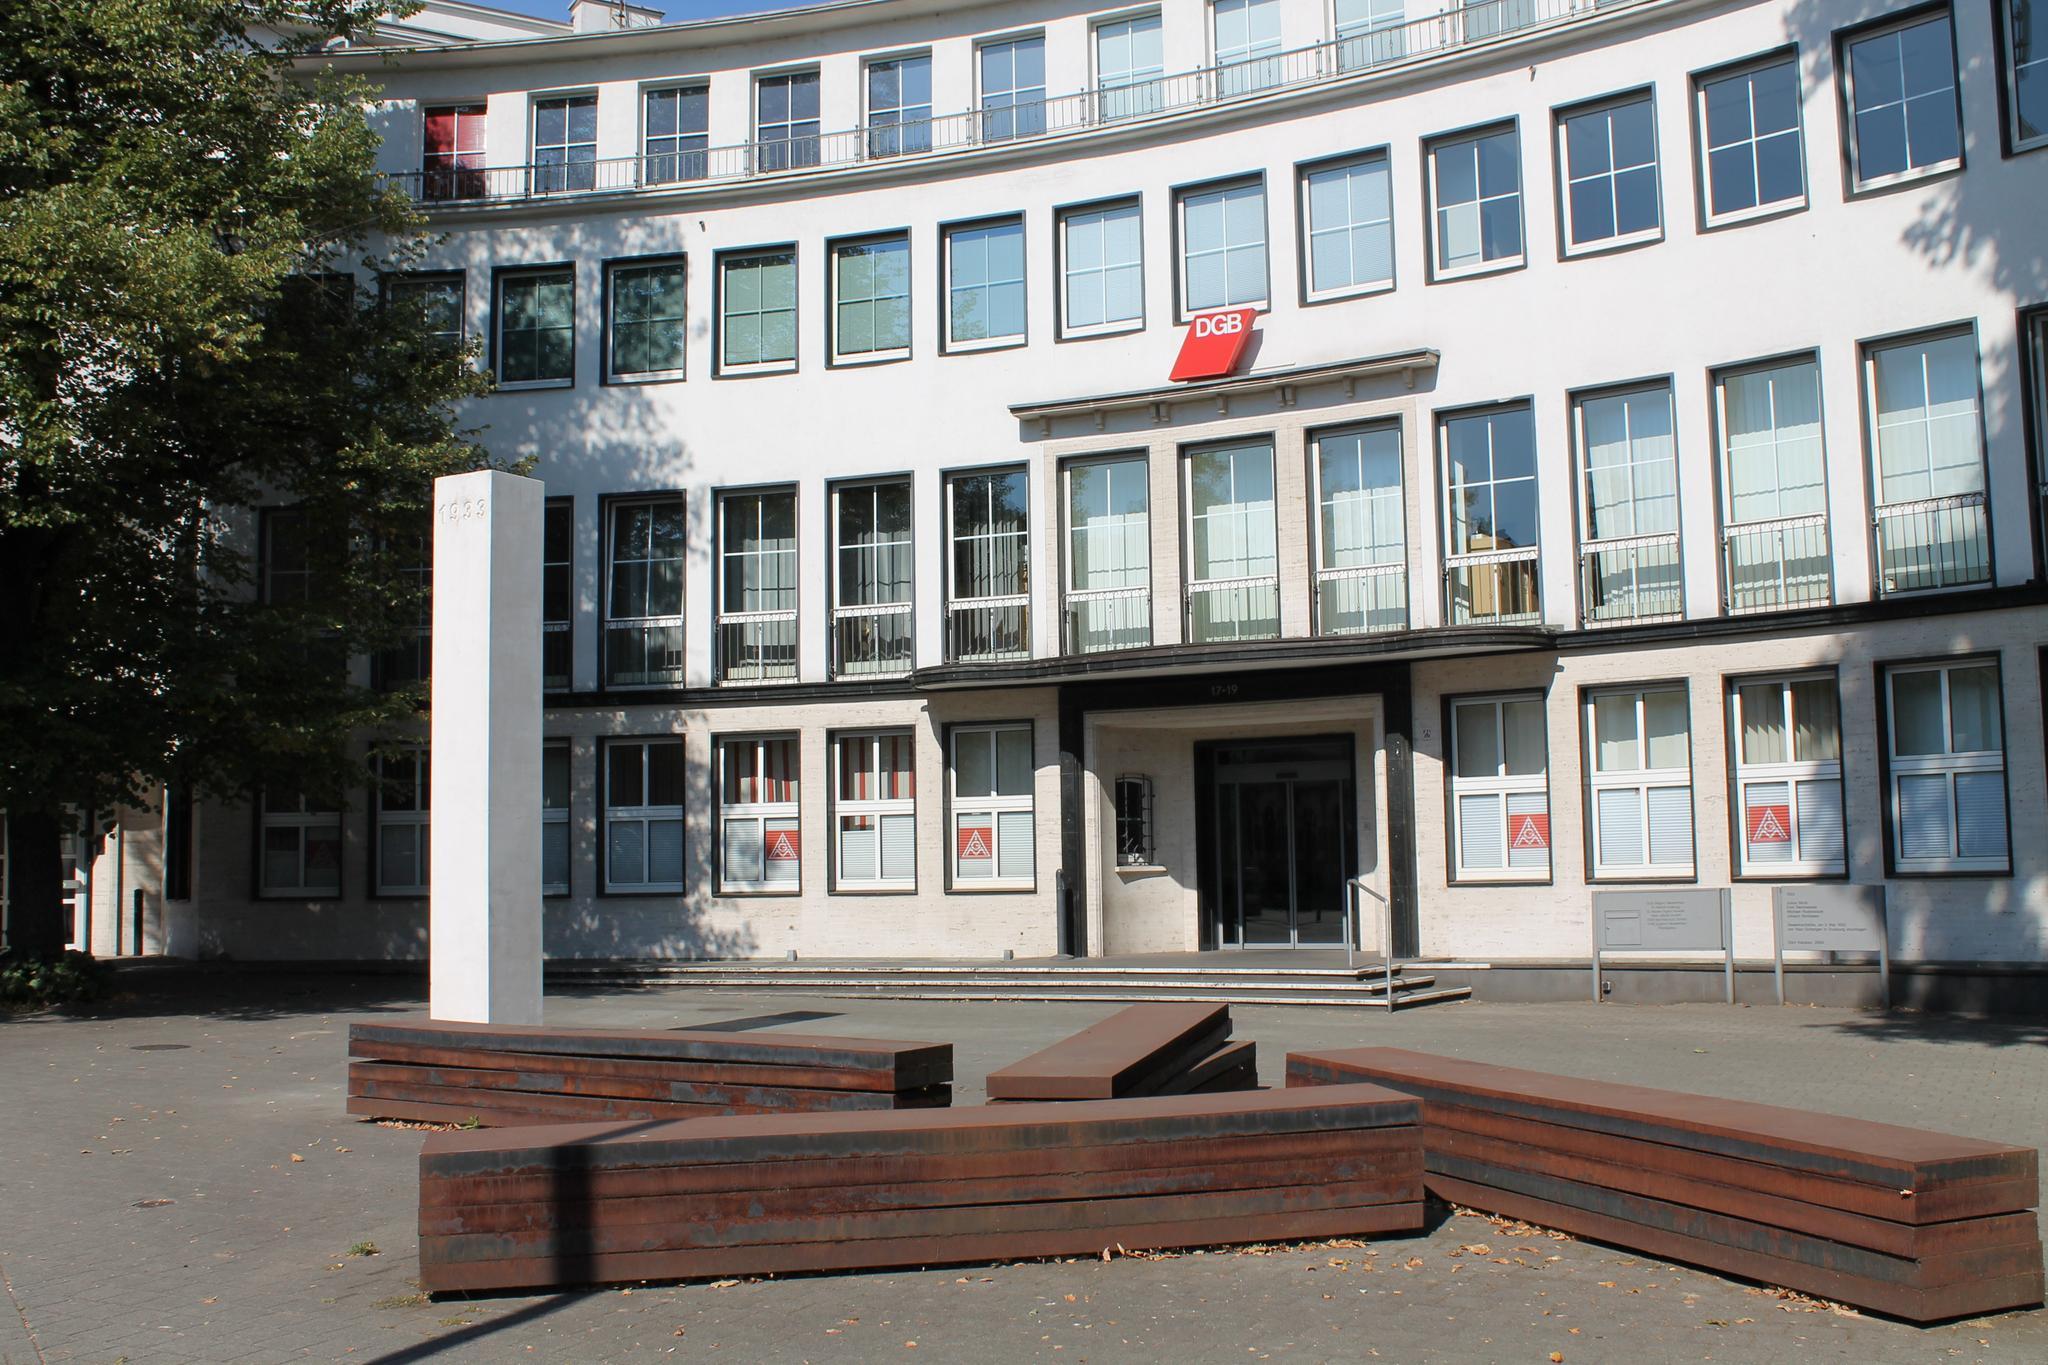 DGB-Haus Duisburg